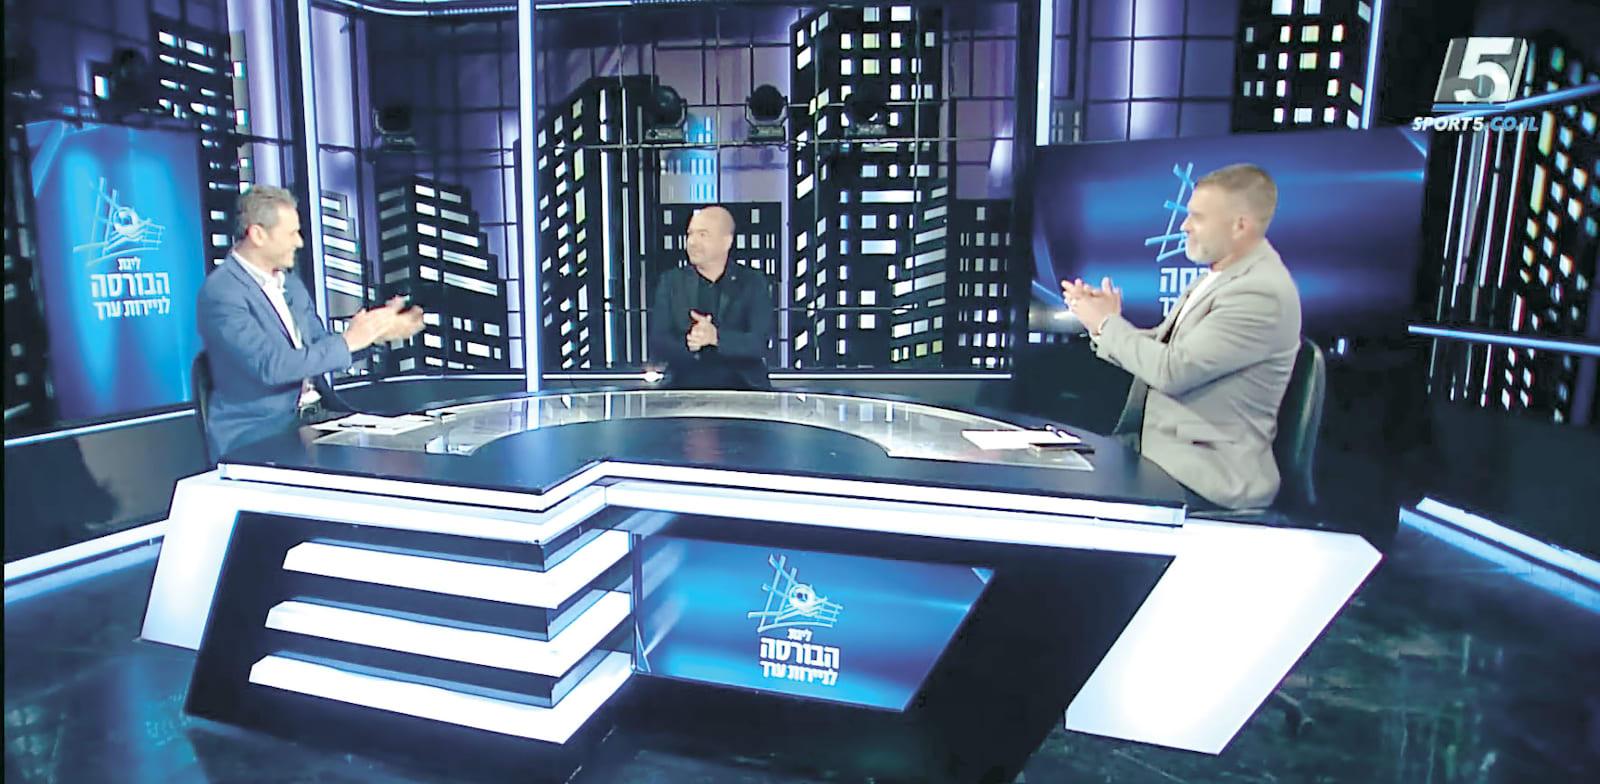 שידורי ערוץ הספורט / צילום: צילום מסך